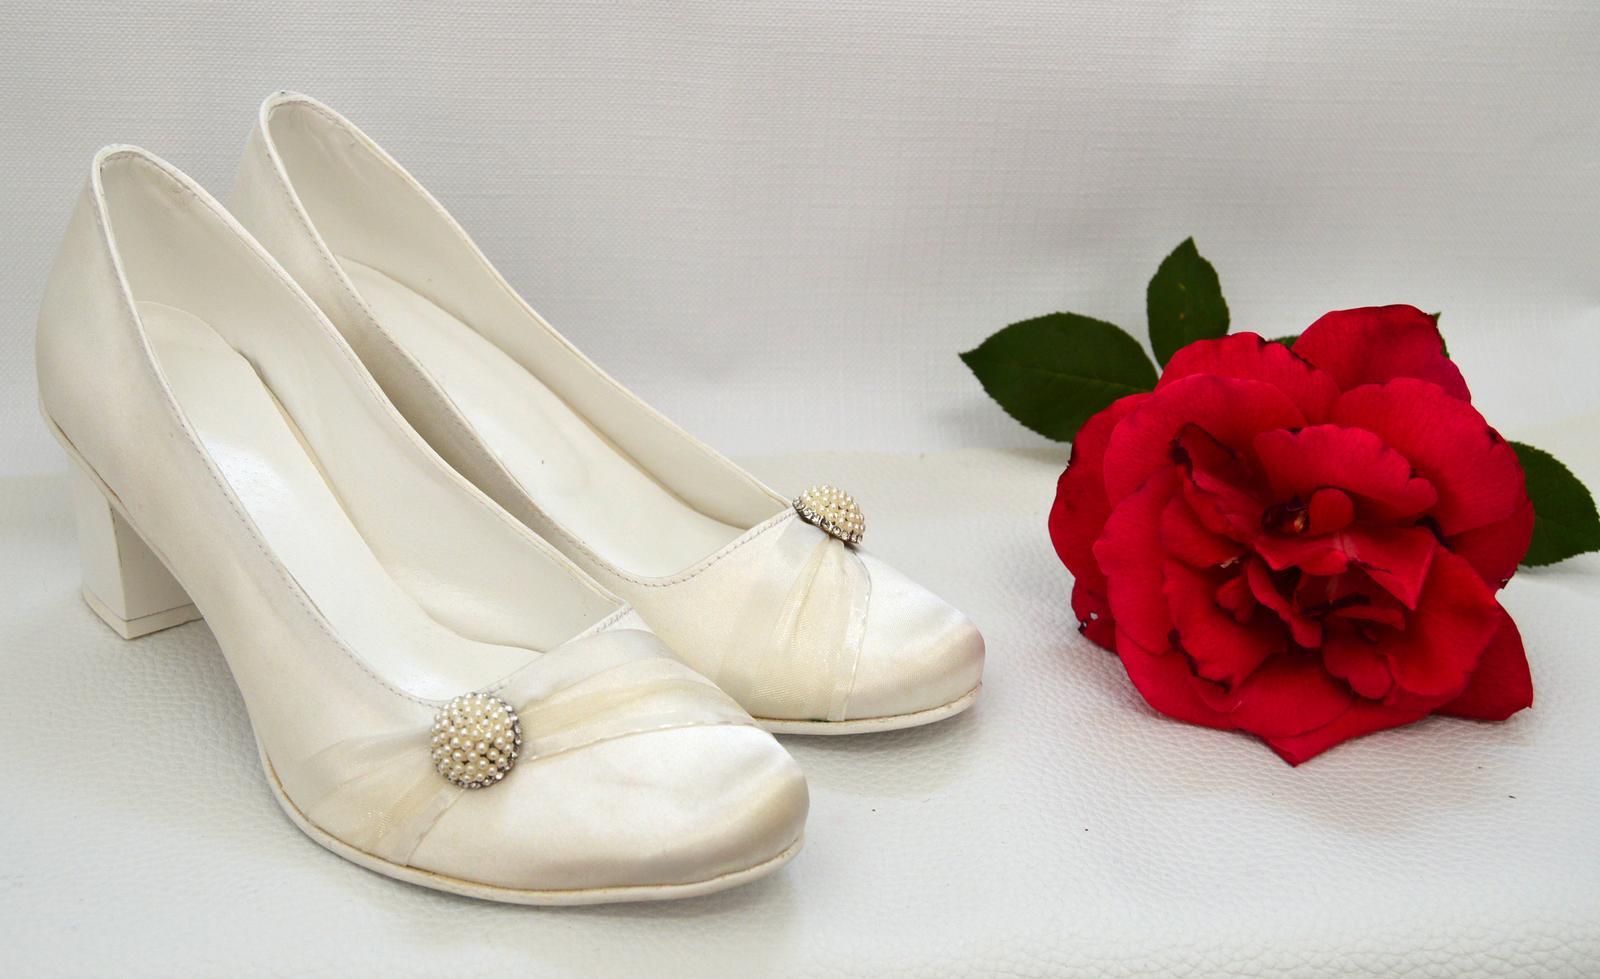 Svadobné topánky, inšpirácie z Vašich návrhov, farby biela, ivory, šampaň. - Svadobné lodičky ivory satén s opatkom 5,2 cm a ozdobou č. 20 klasik (k-styl), úpravy podľa želania klientky